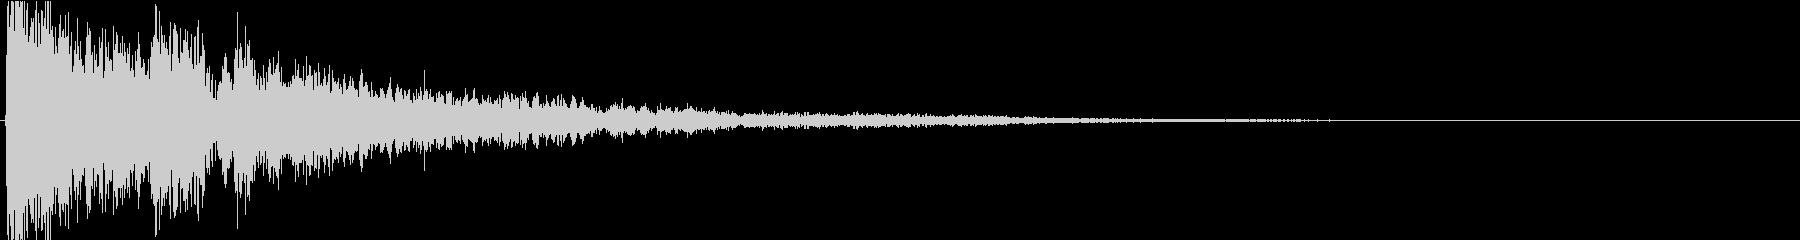 インパクトのある音03の未再生の波形